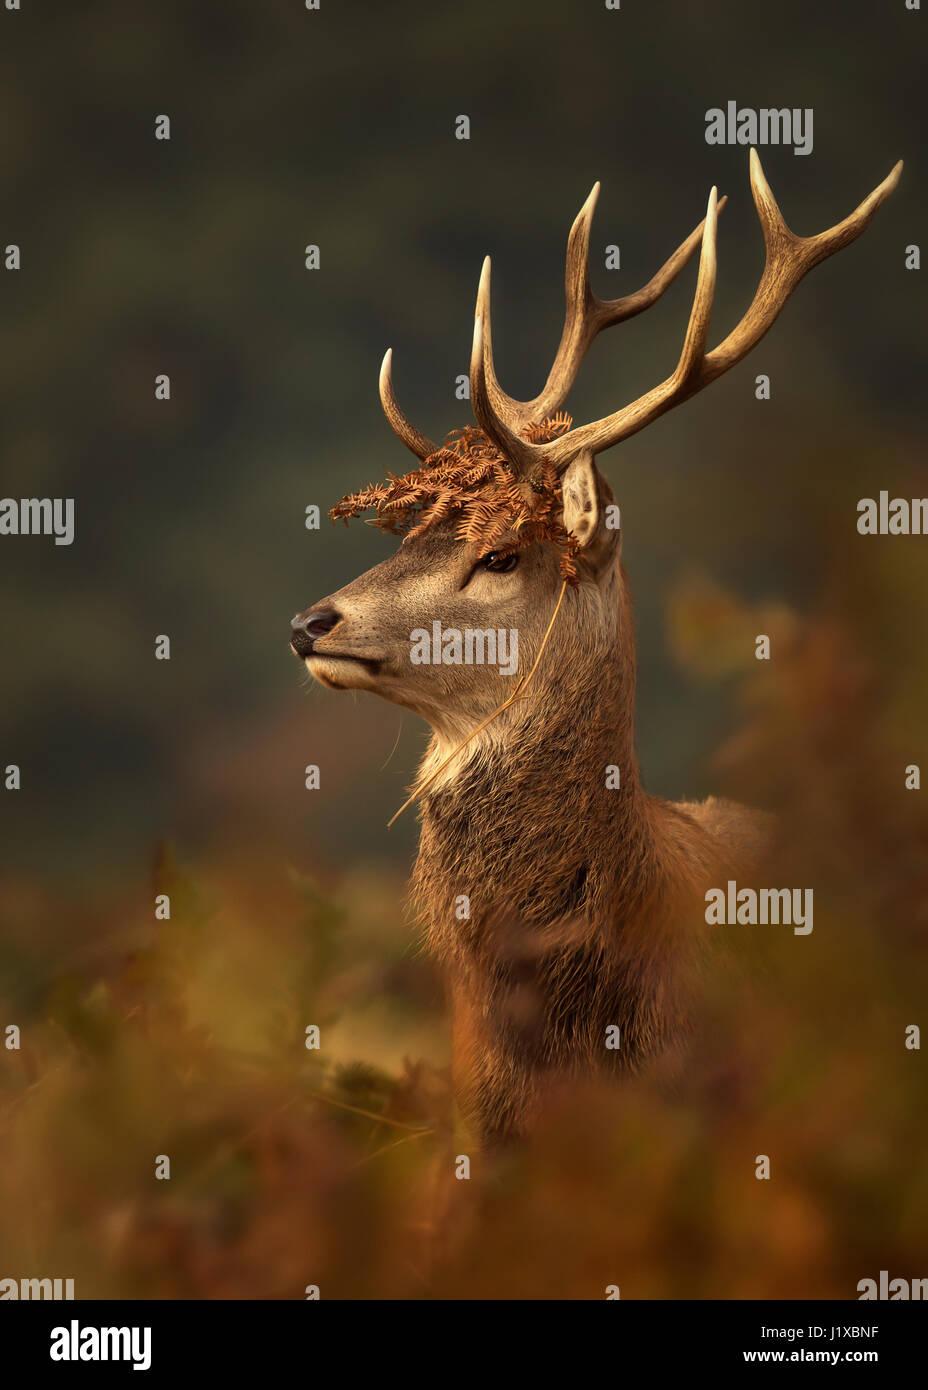 Porträt des Rotwildes mit einer Krone von Farnen Stockbild